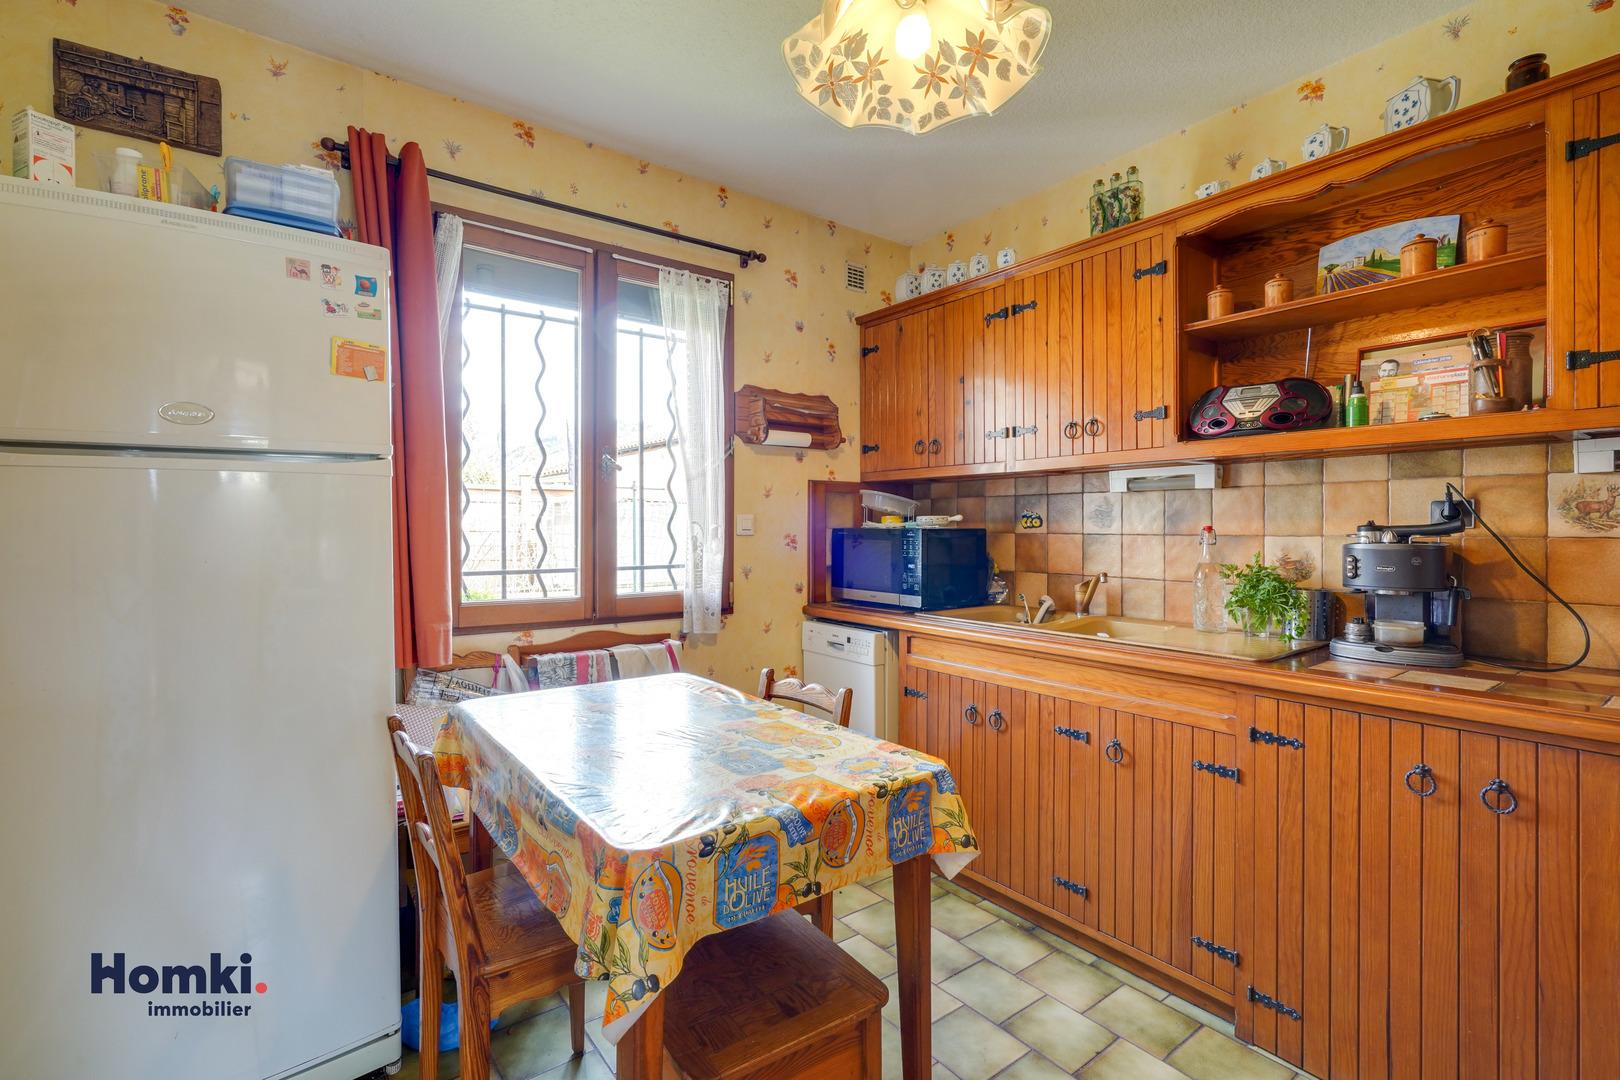 Vente Maison 110 m² T6 13011_4